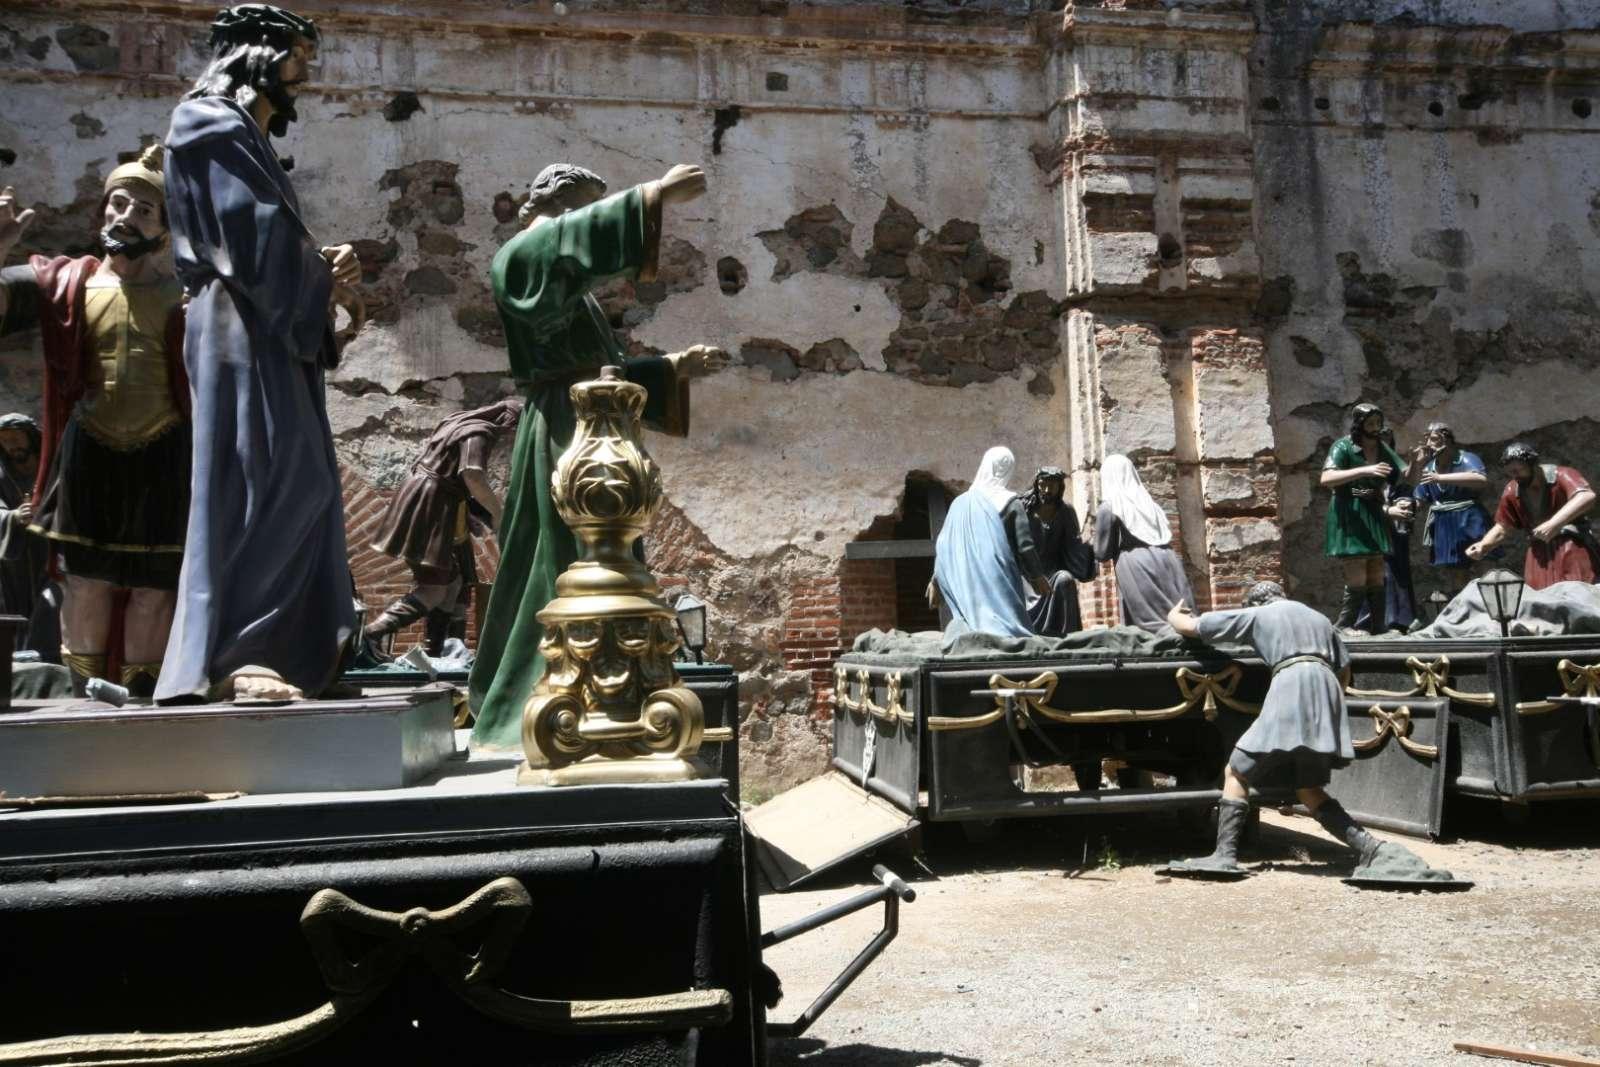 Procession statues for Semana Santa in Antigua, Guatemala